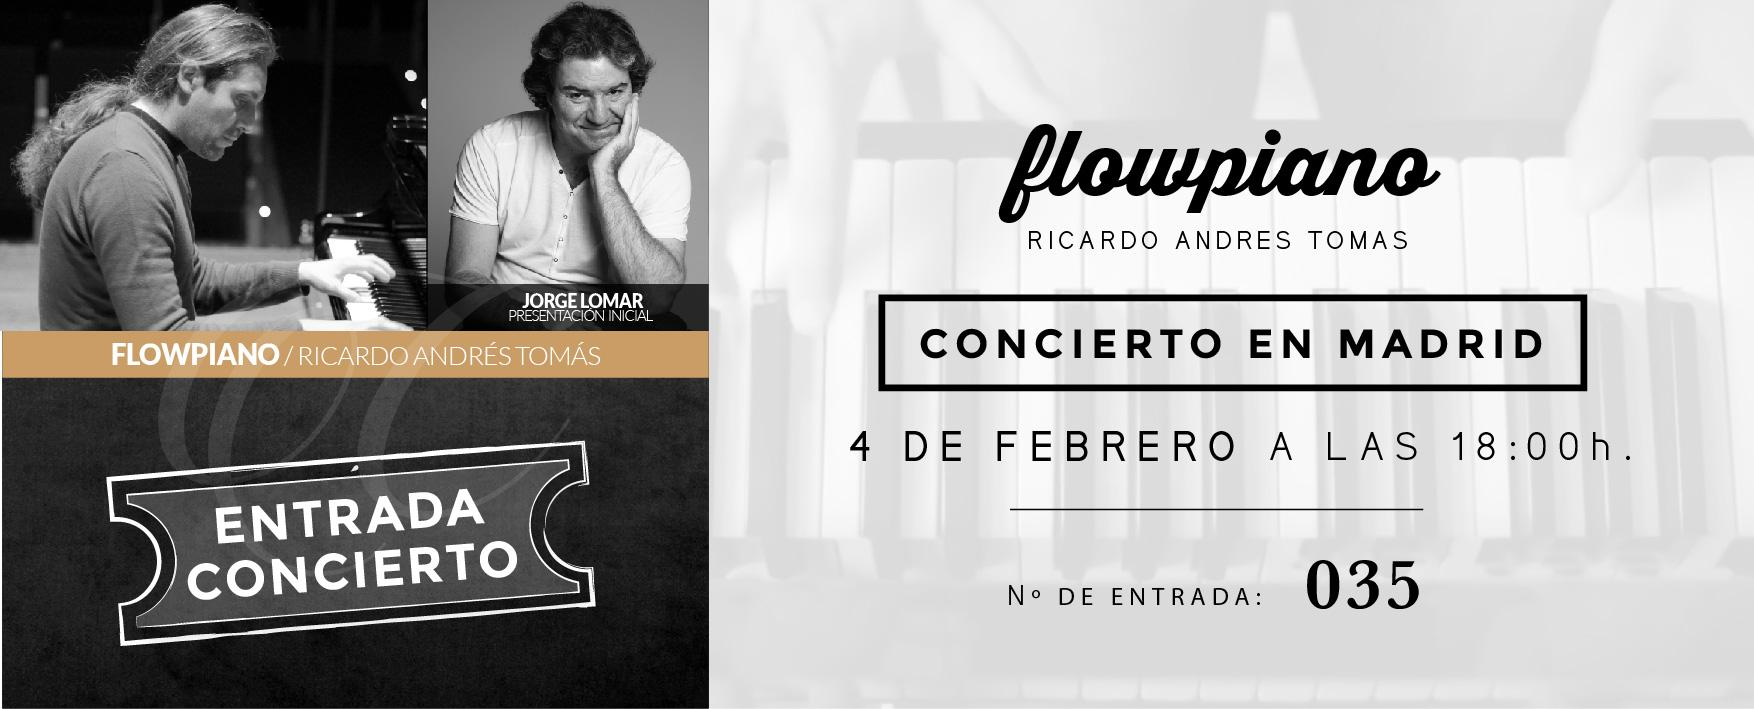 FLOWPIANO ENTRADAS CONCIERTO MADRID 04 DE FEBRERO 2017-035